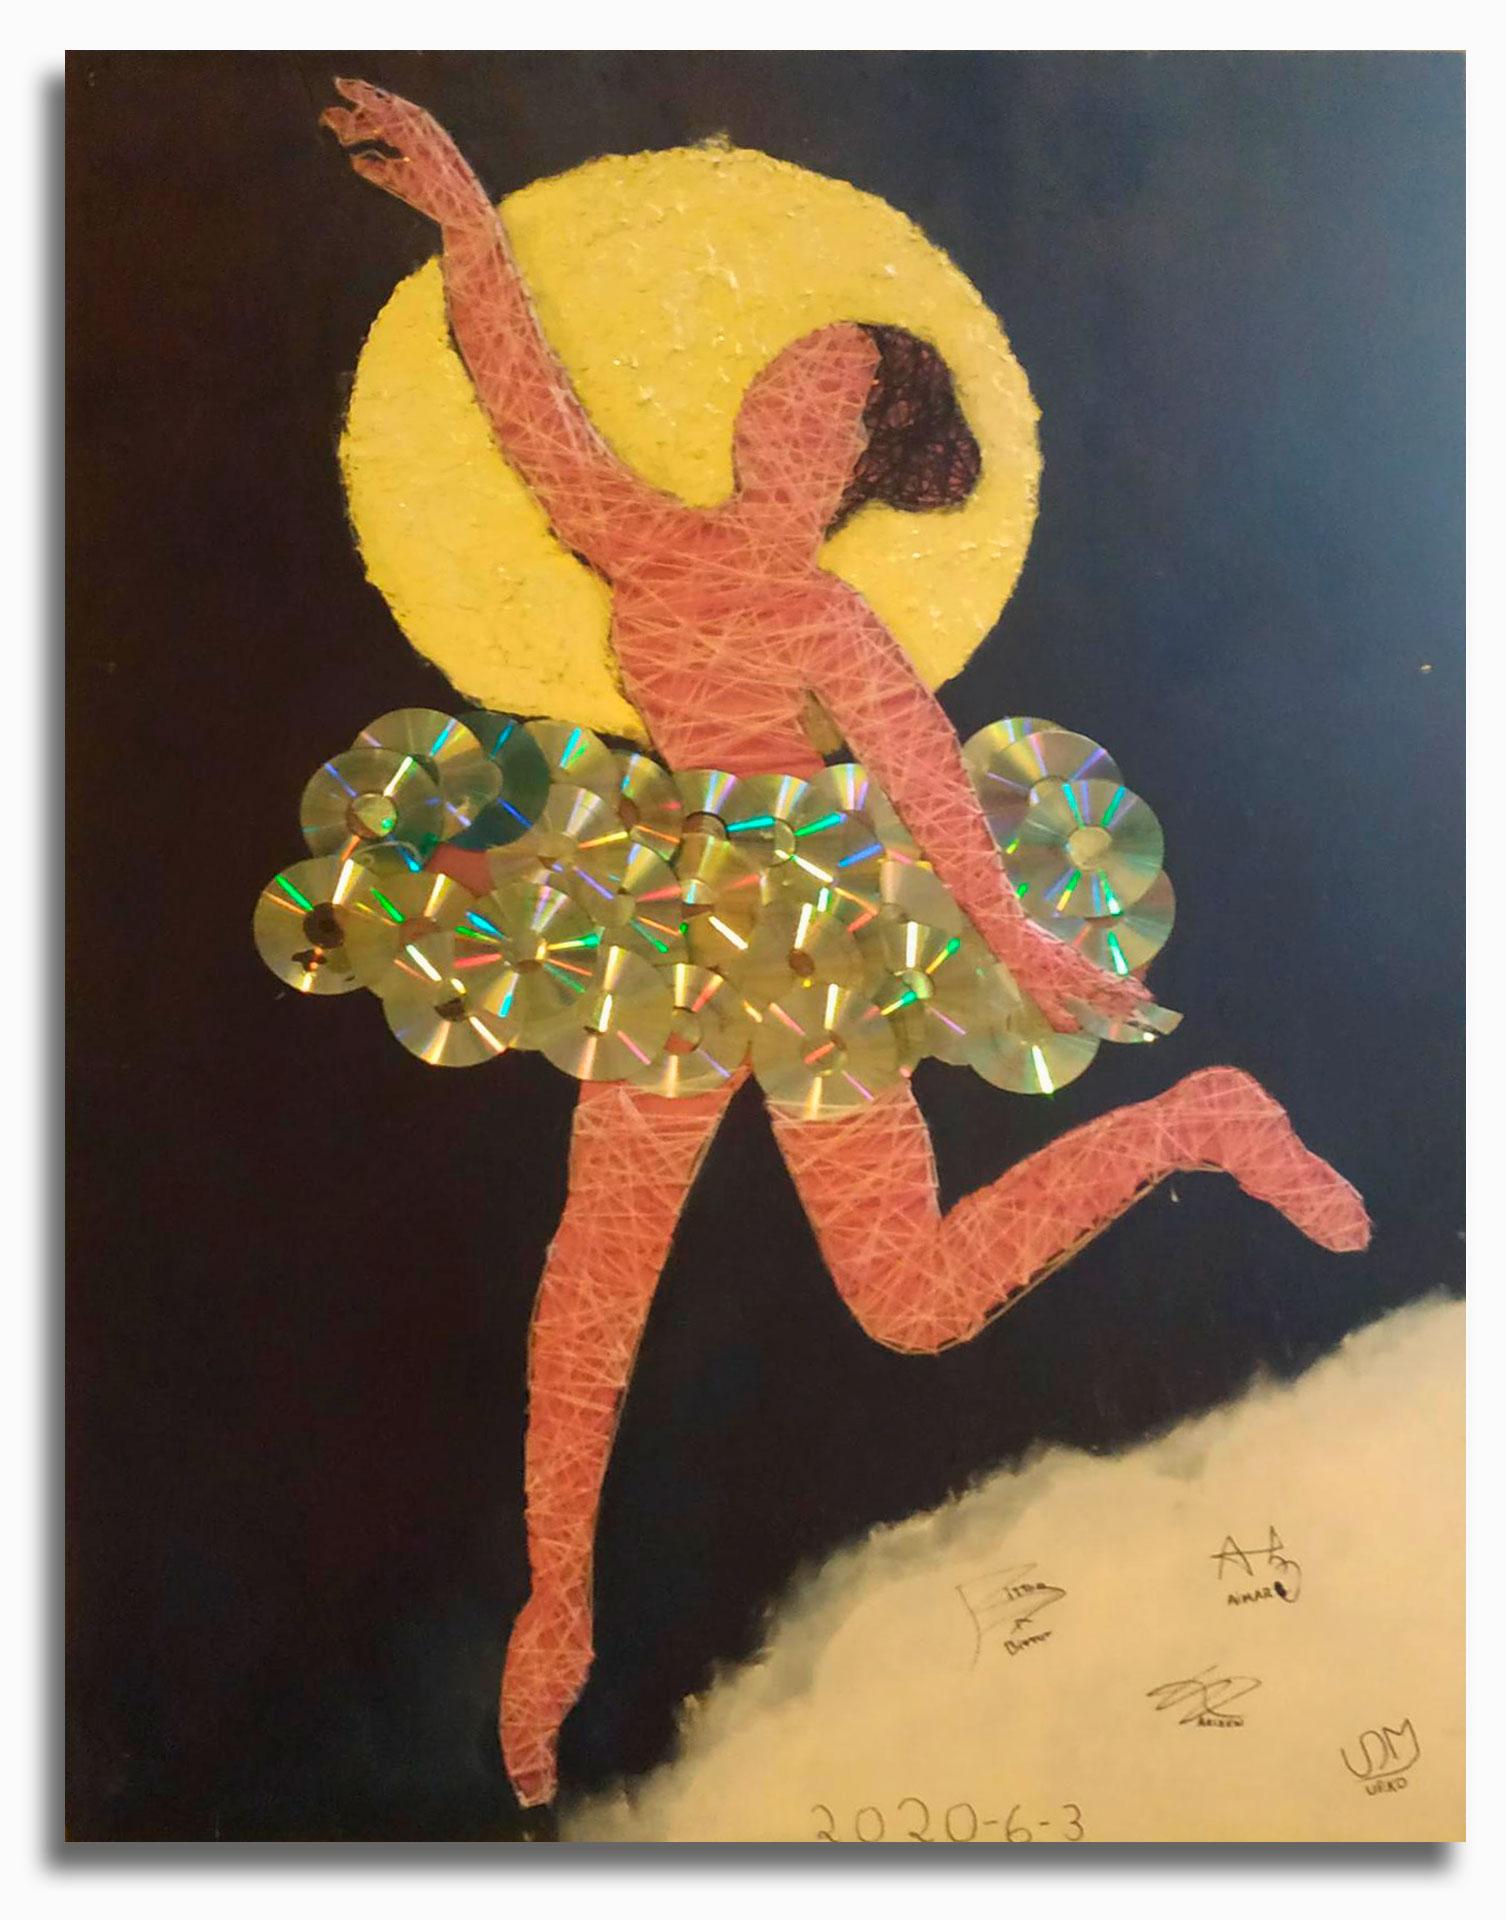 galeria-de-trabajos-cuadros-jovenes-1-sormen-eskola-gunea